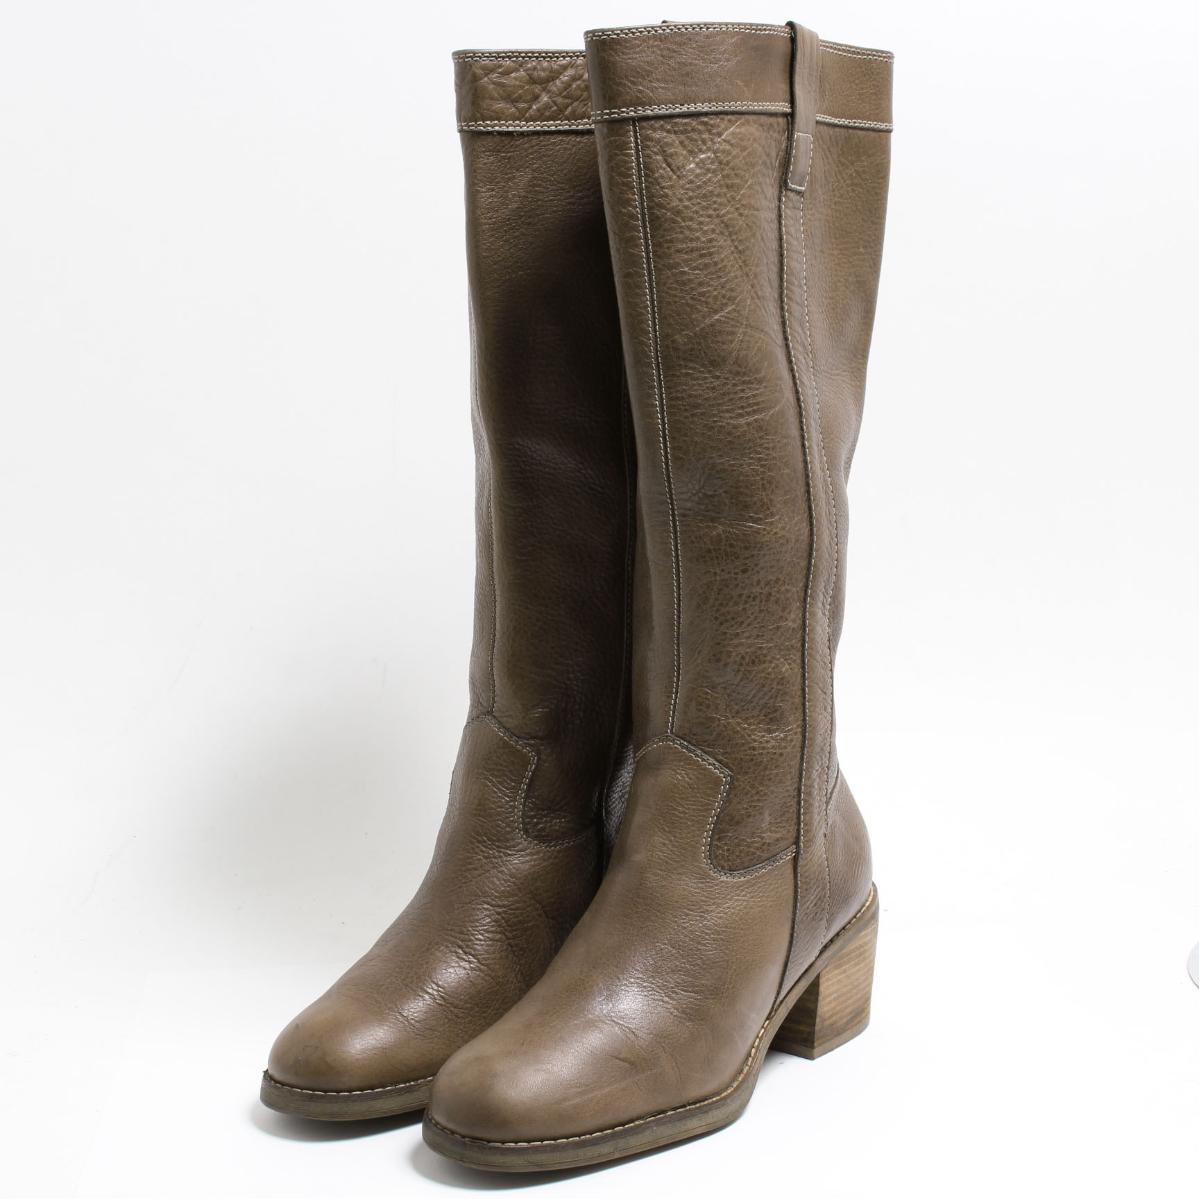 ECCO long boots 38 Lady's 24.0cm bon7125